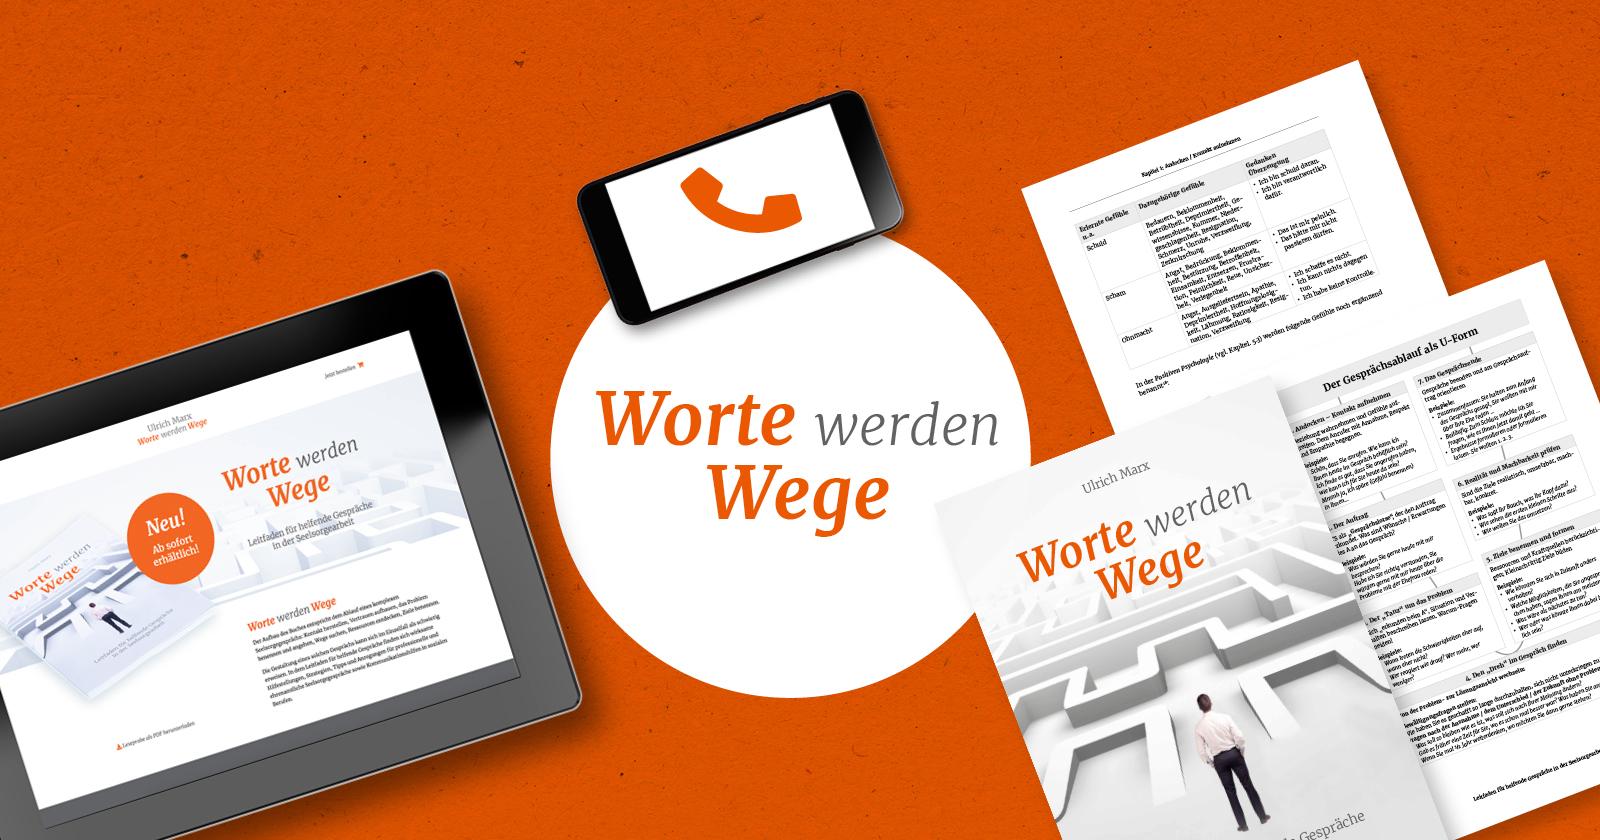 FRIEDSAM Werbeagentur realisiert Projekt für Worte werden Wege